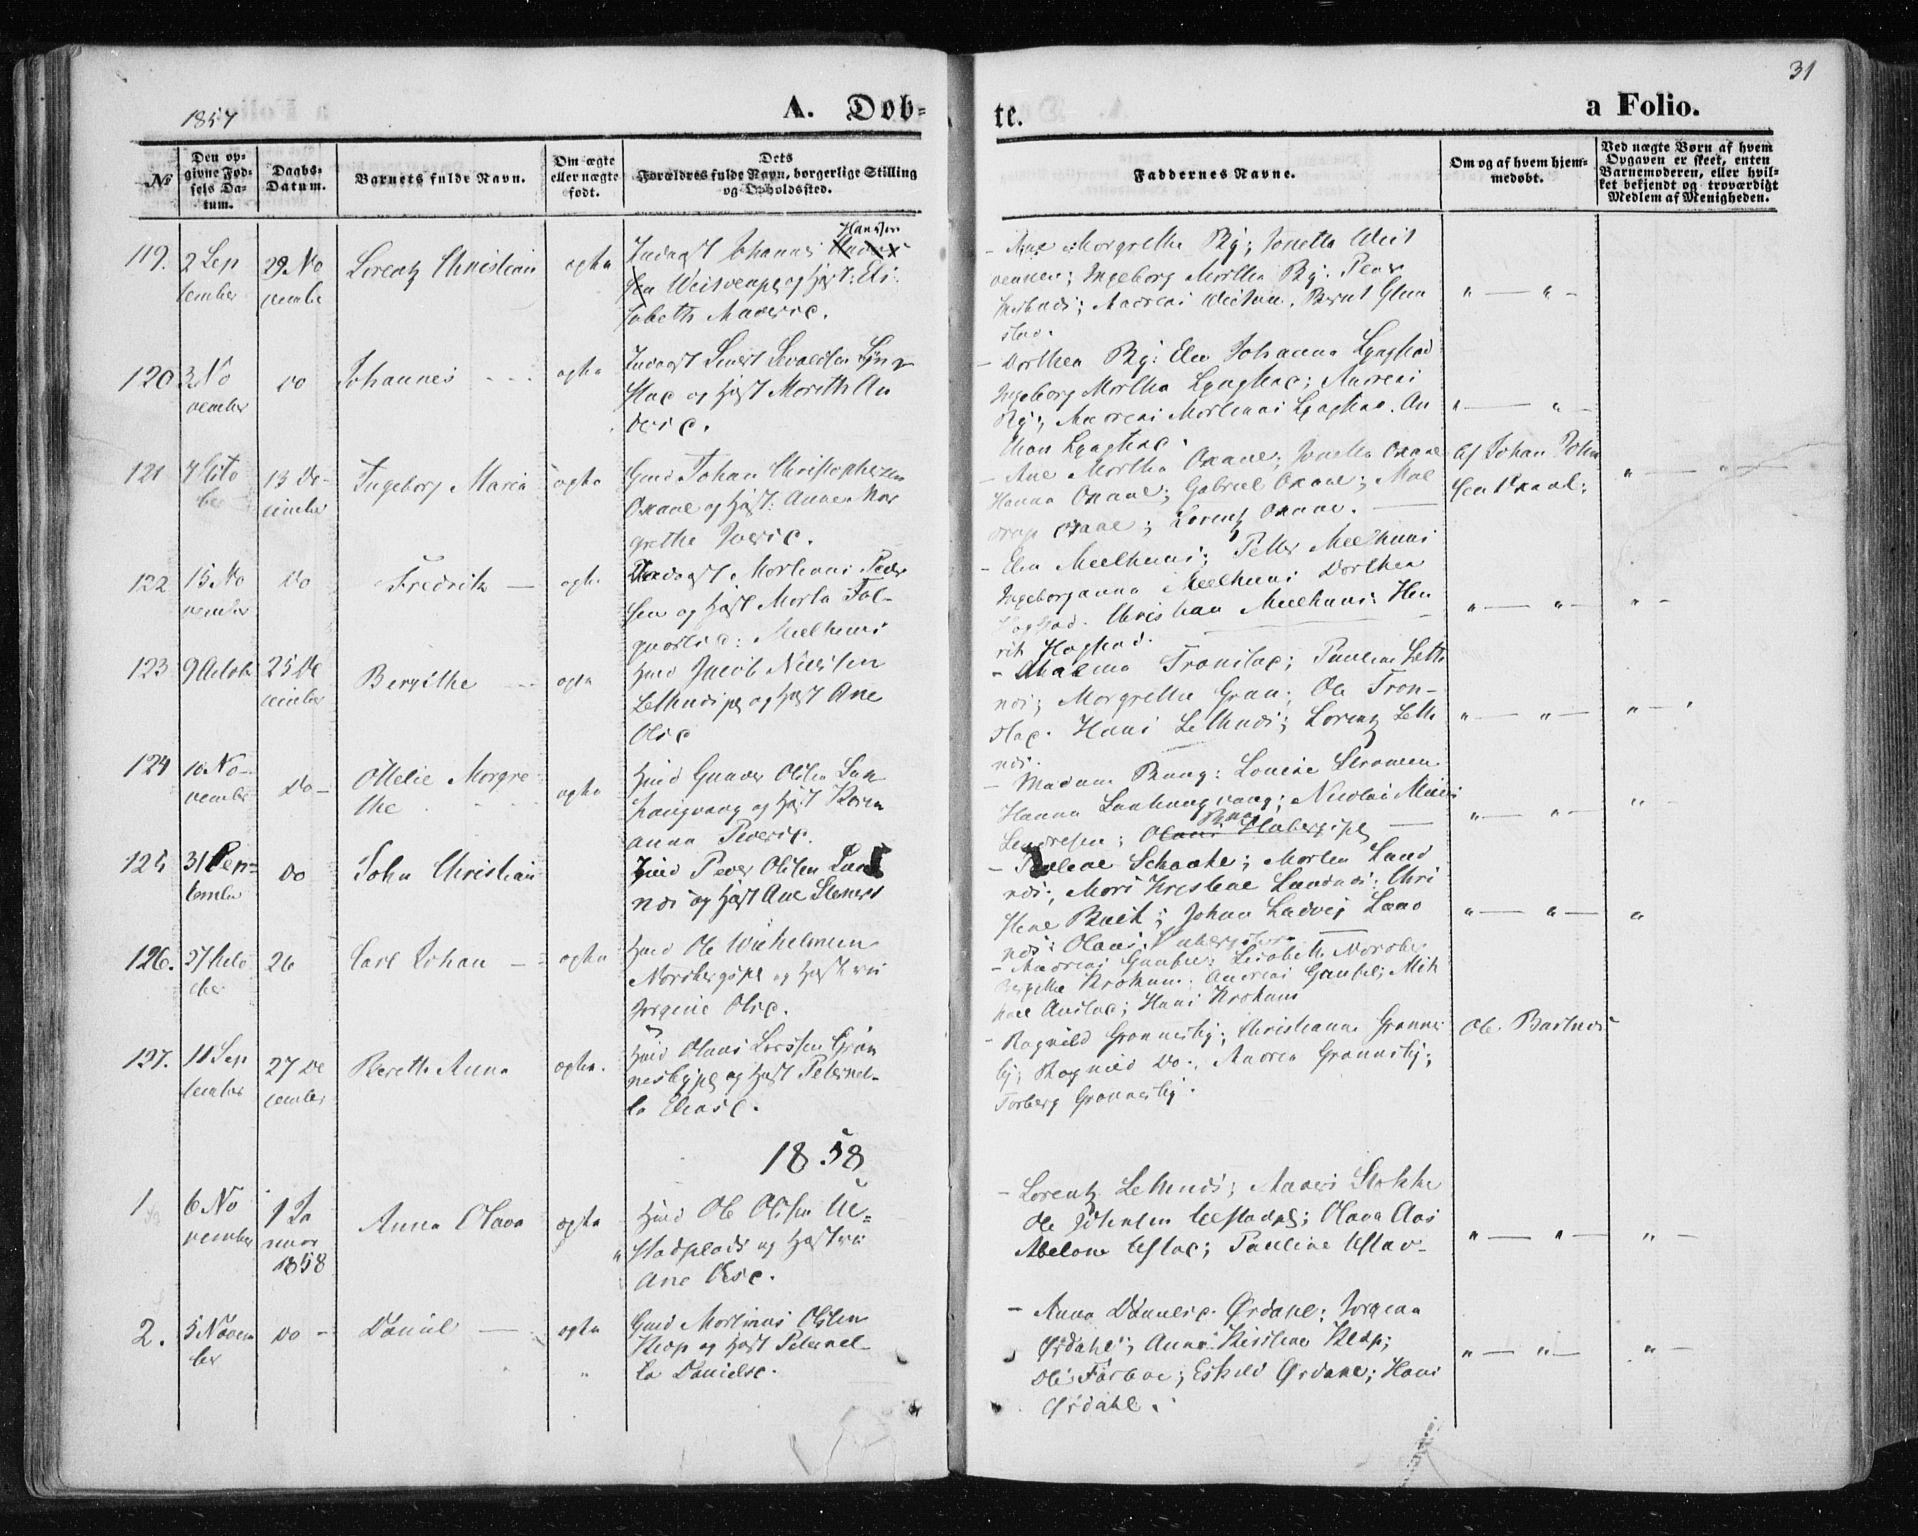 SAT, Ministerialprotokoller, klokkerbøker og fødselsregistre - Nord-Trøndelag, 730/L0283: Ministerialbok nr. 730A08, 1855-1865, s. 31